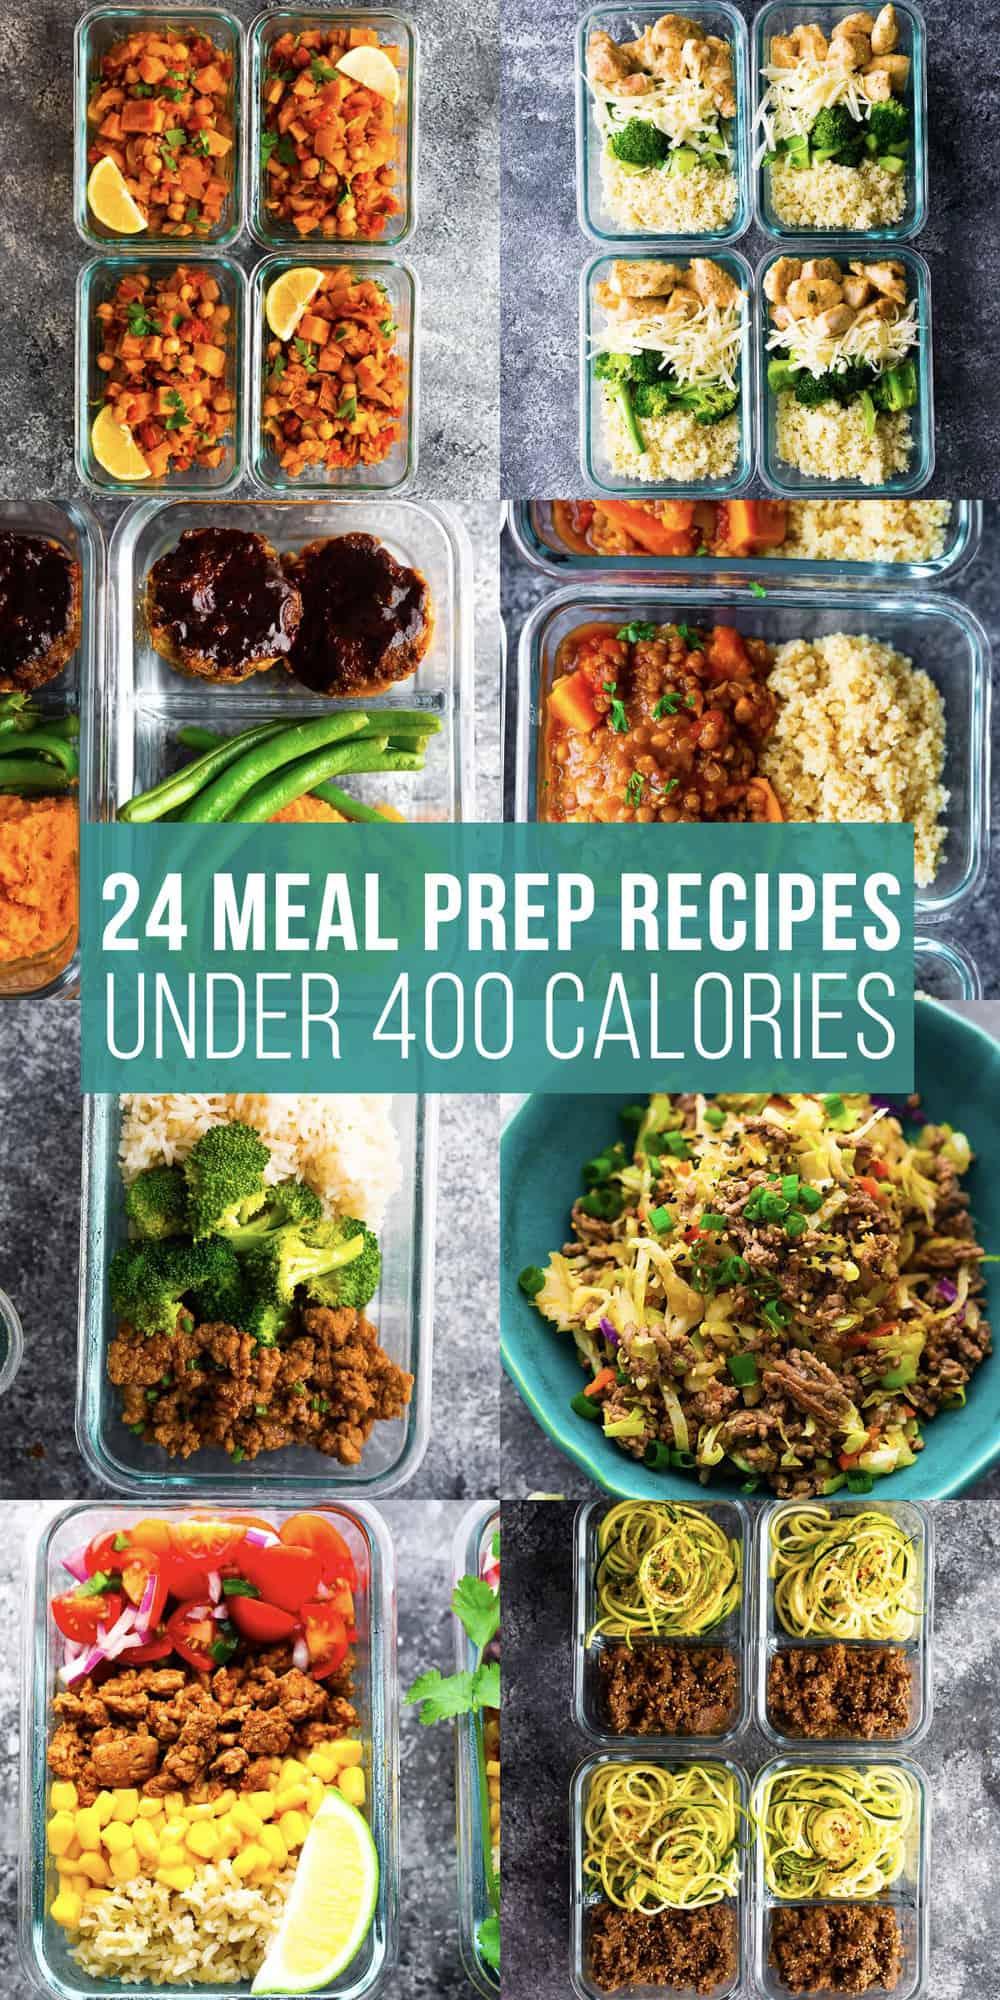 400 kalorinin altında 24 yemek hazırlama tarifi yazan kolaj resmi